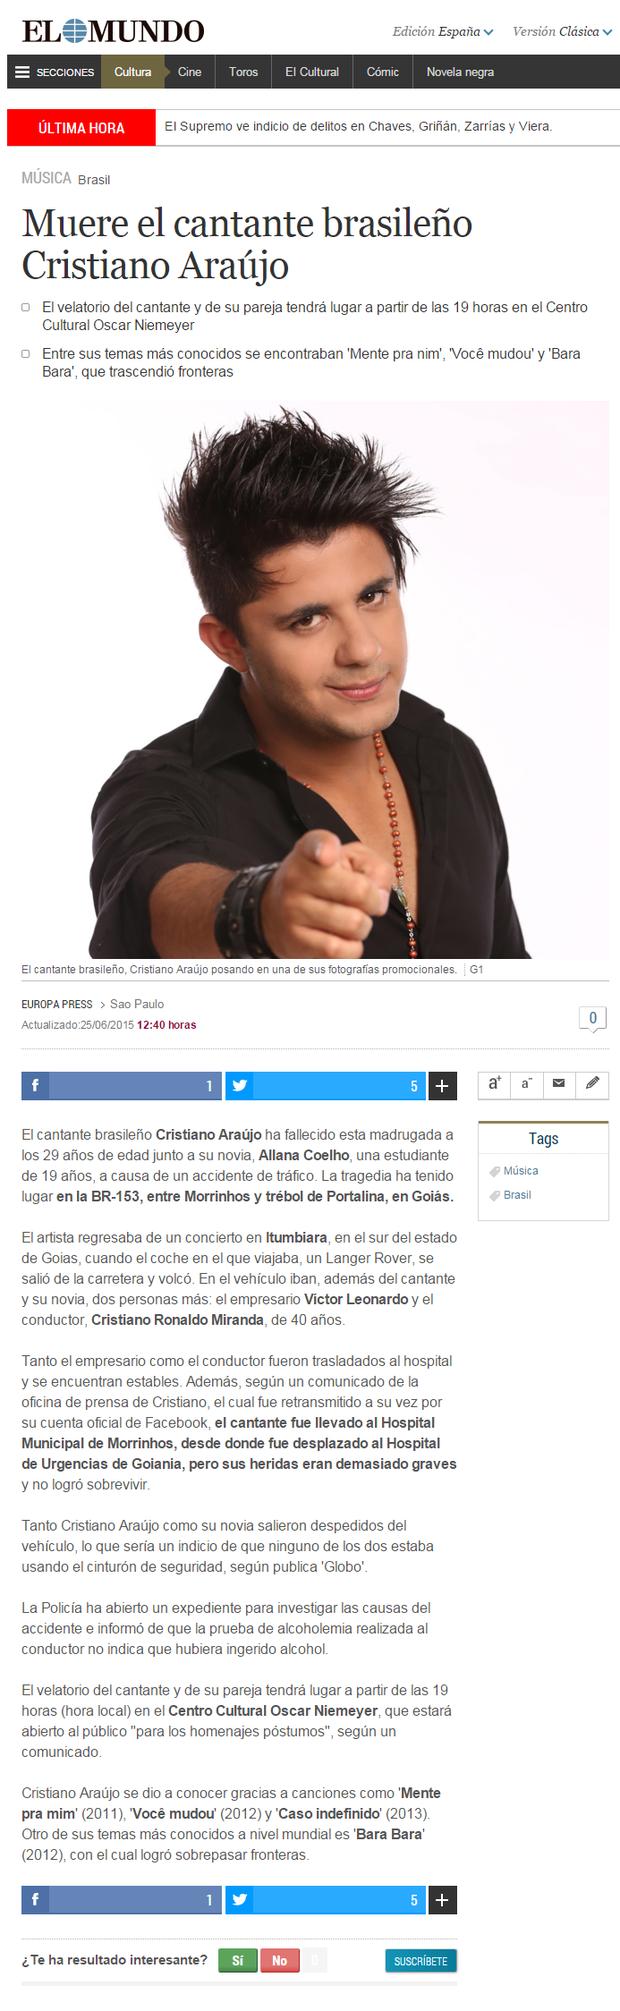 Hollywood Take repercurte  morte de Cristiano Araújo (Foto: Reprodução)